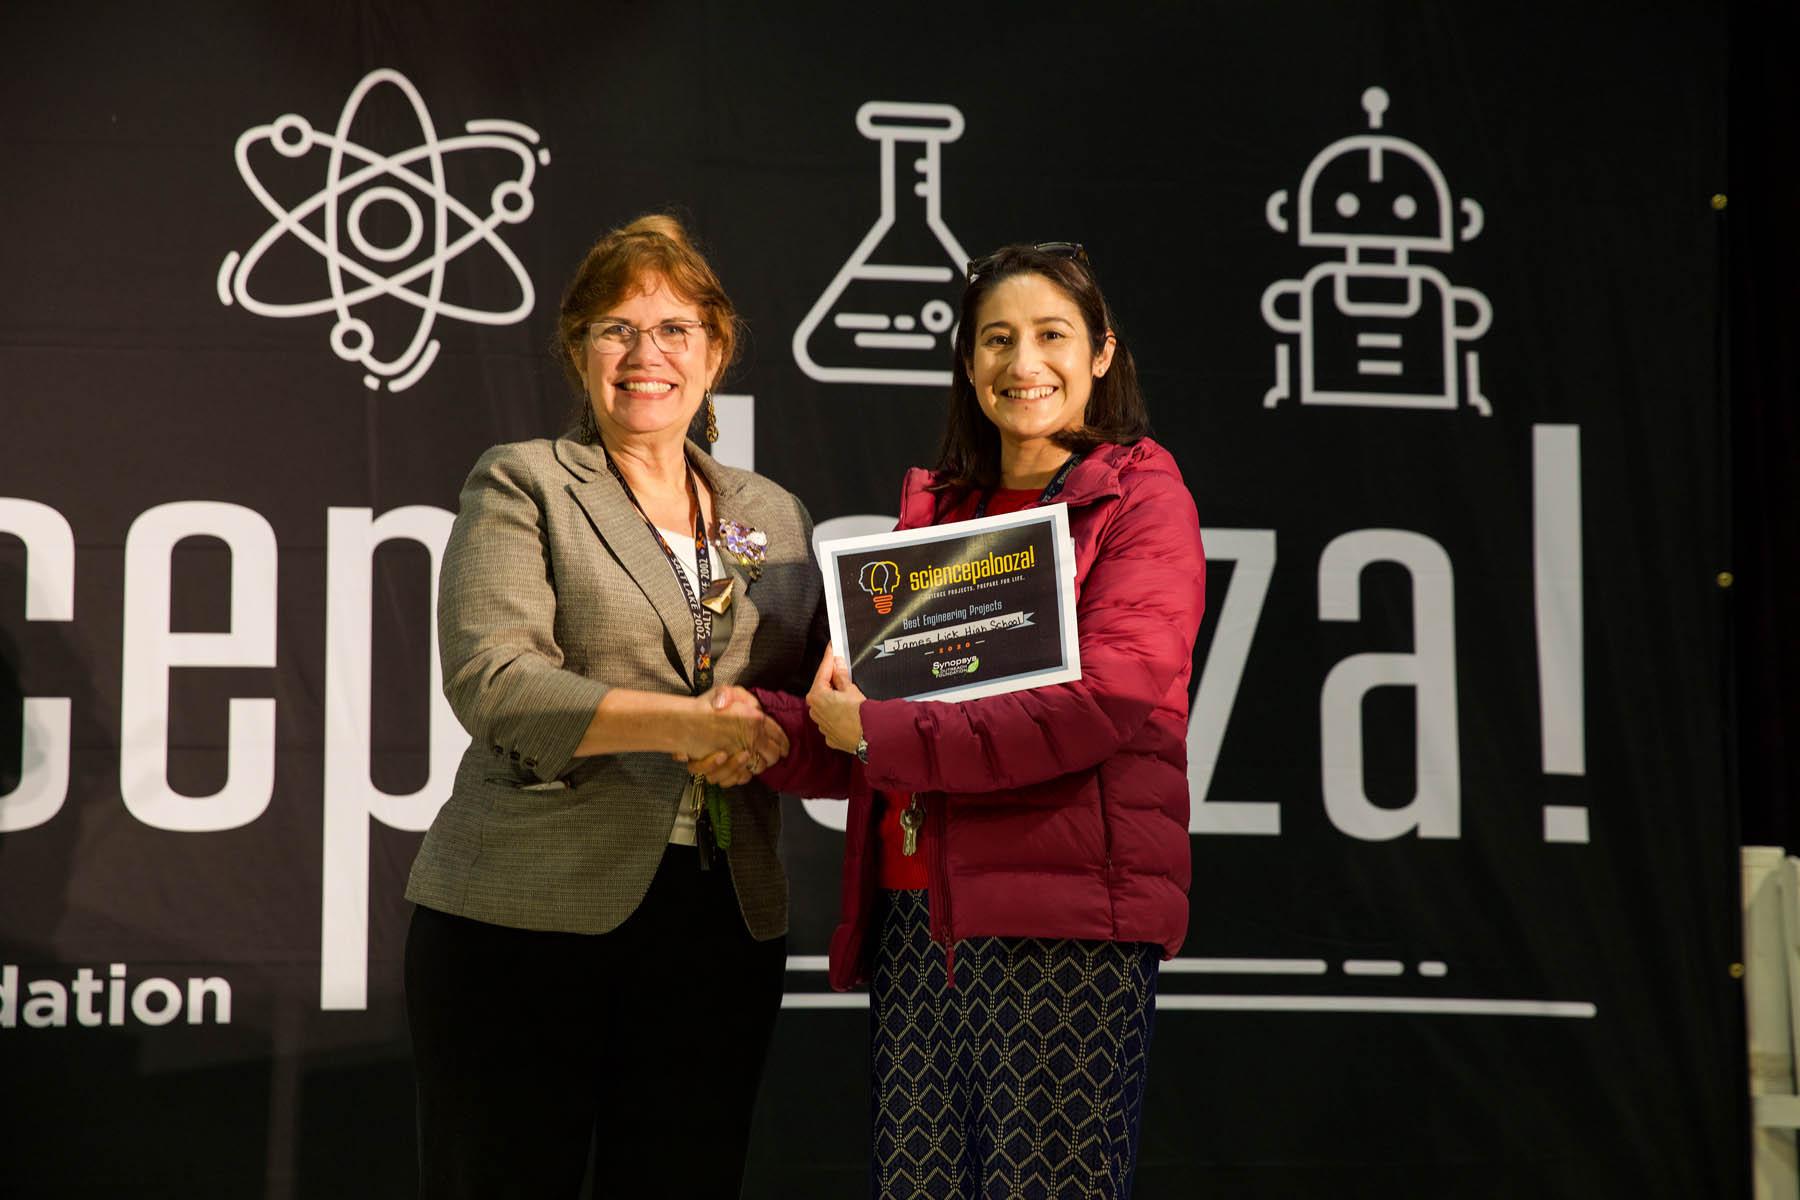 sciencepalooza-2020kv429884